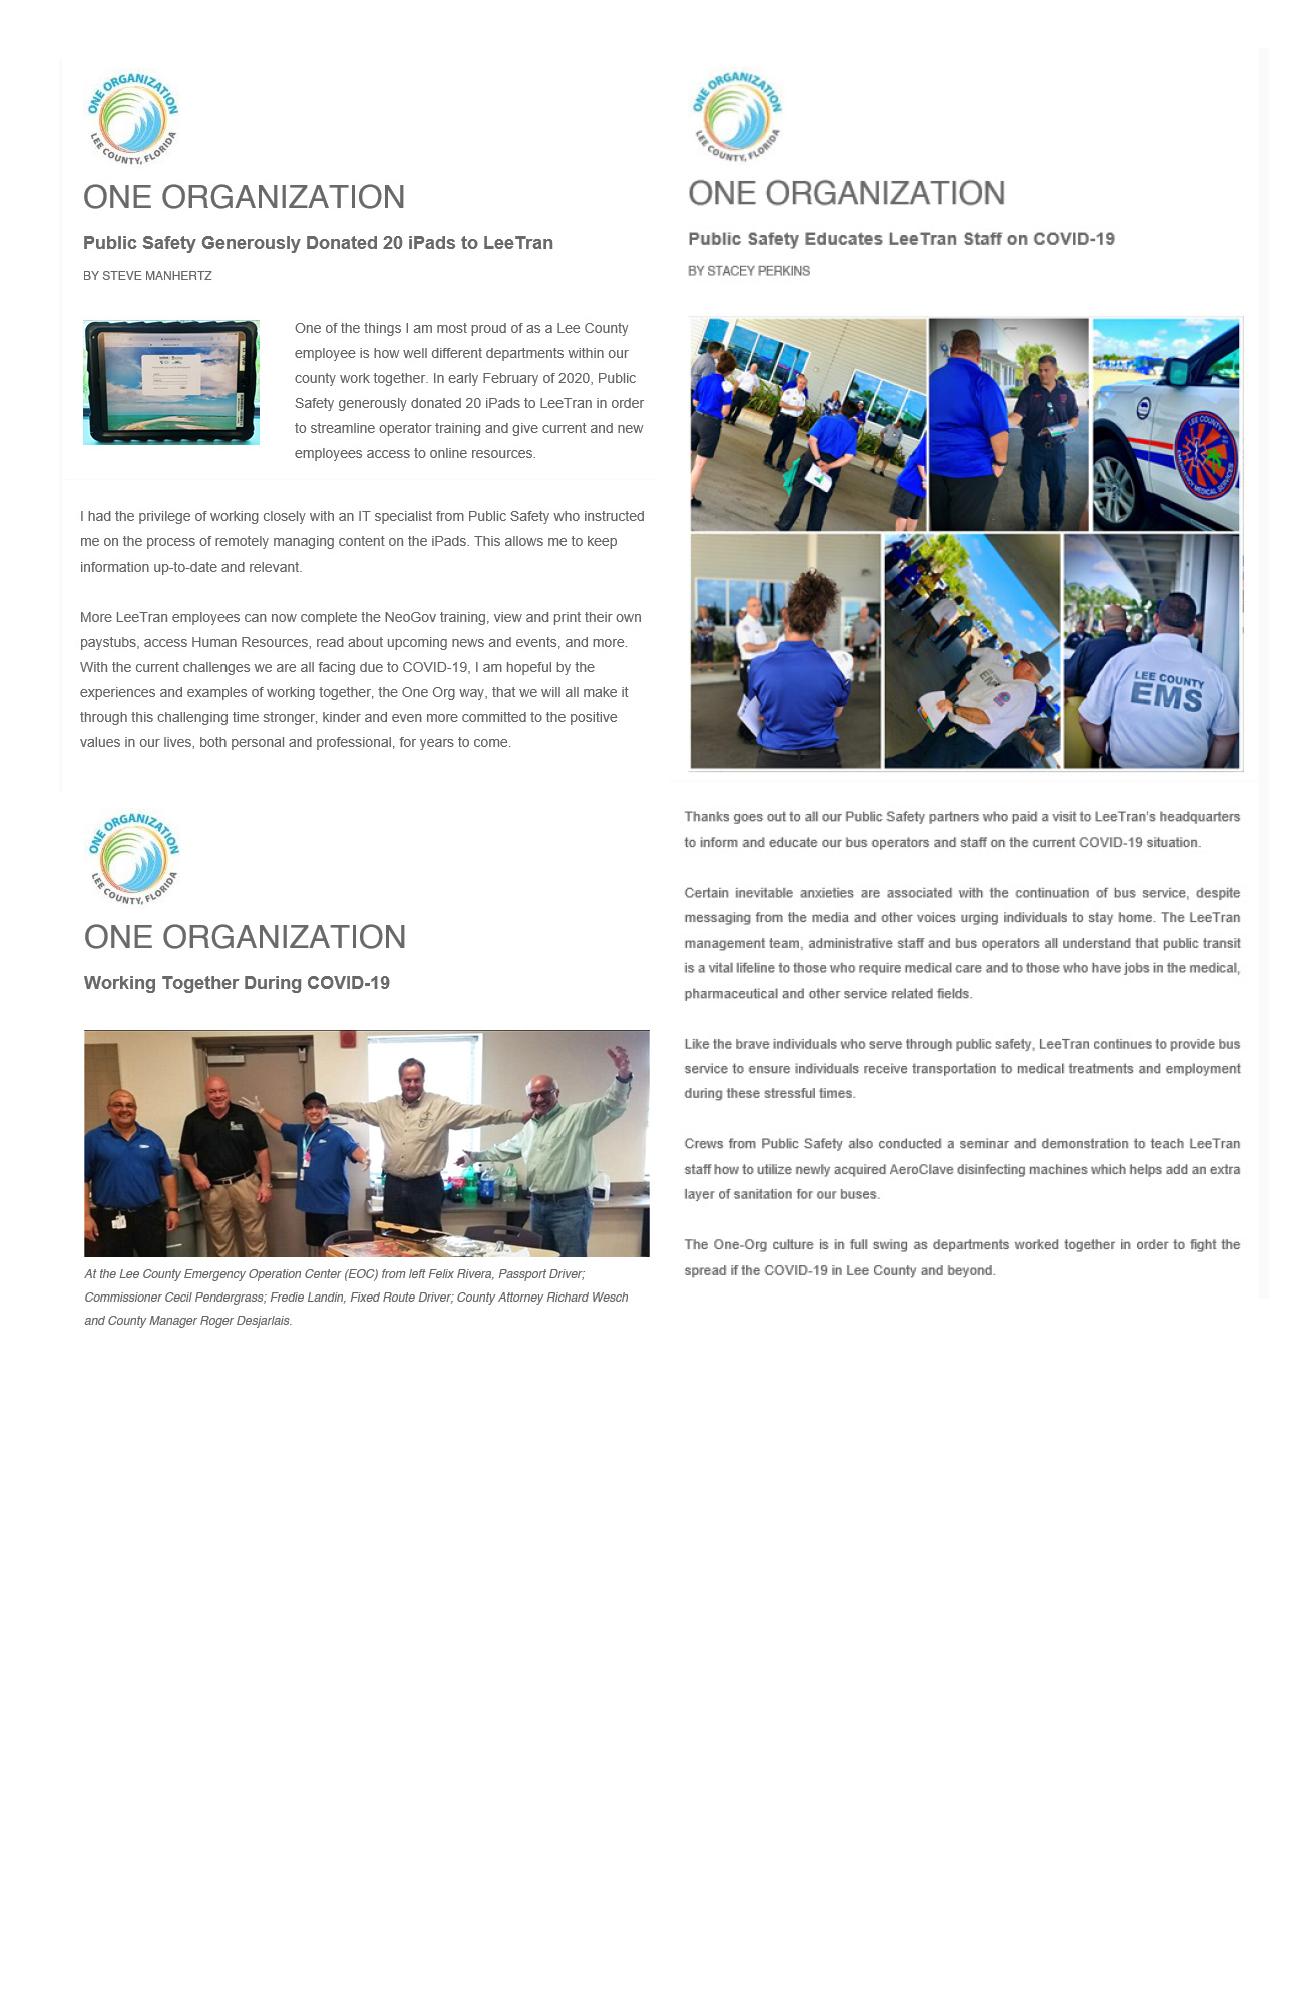 Potpourri_CL2_3rd_page3